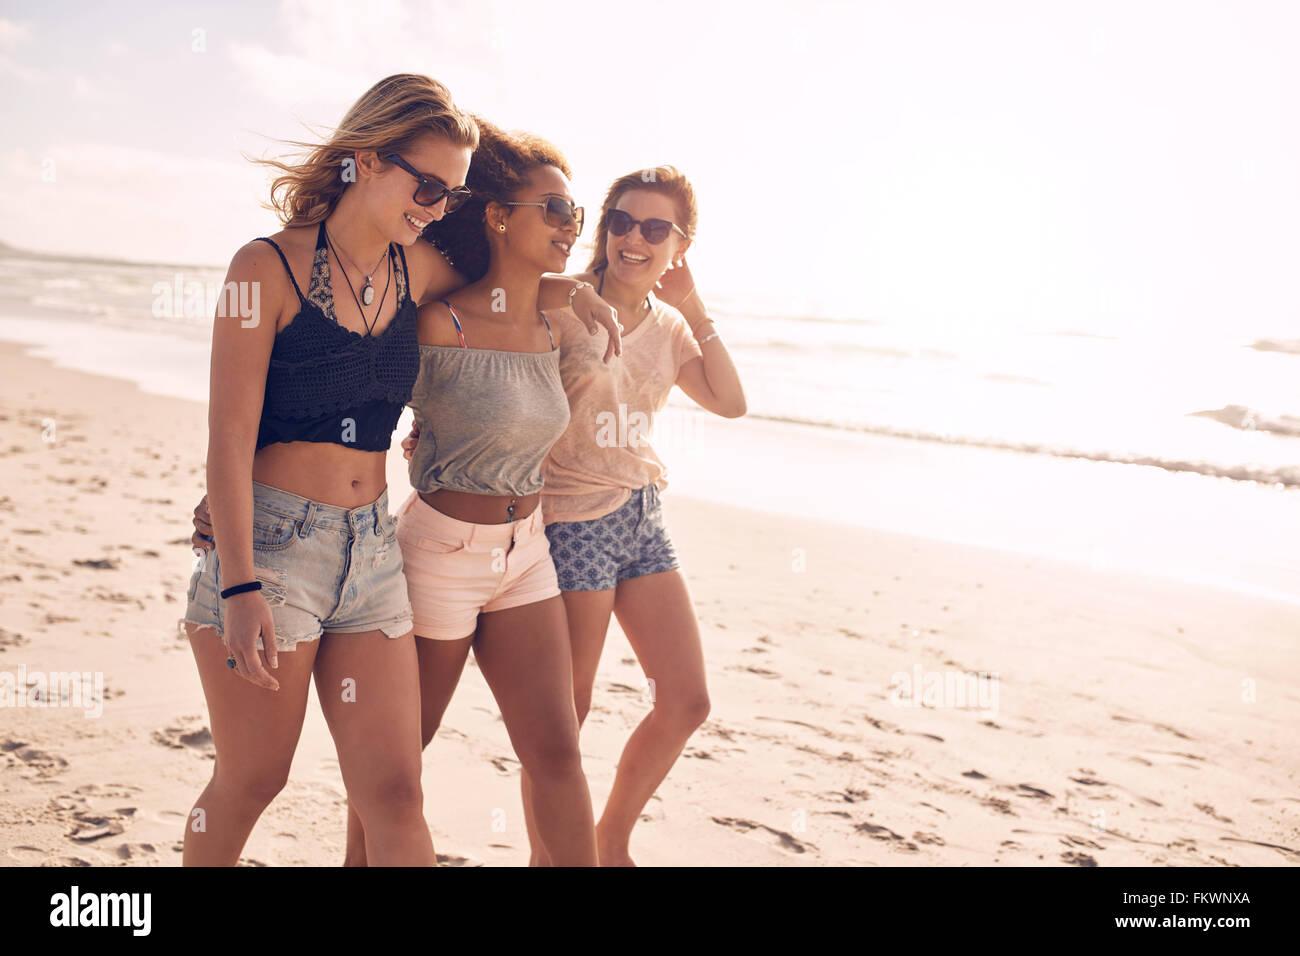 Ritratto di tre giovani amici di sesso femminile a camminare sulla riva del mare. Multirazziale delle giovani donne Immagini Stock